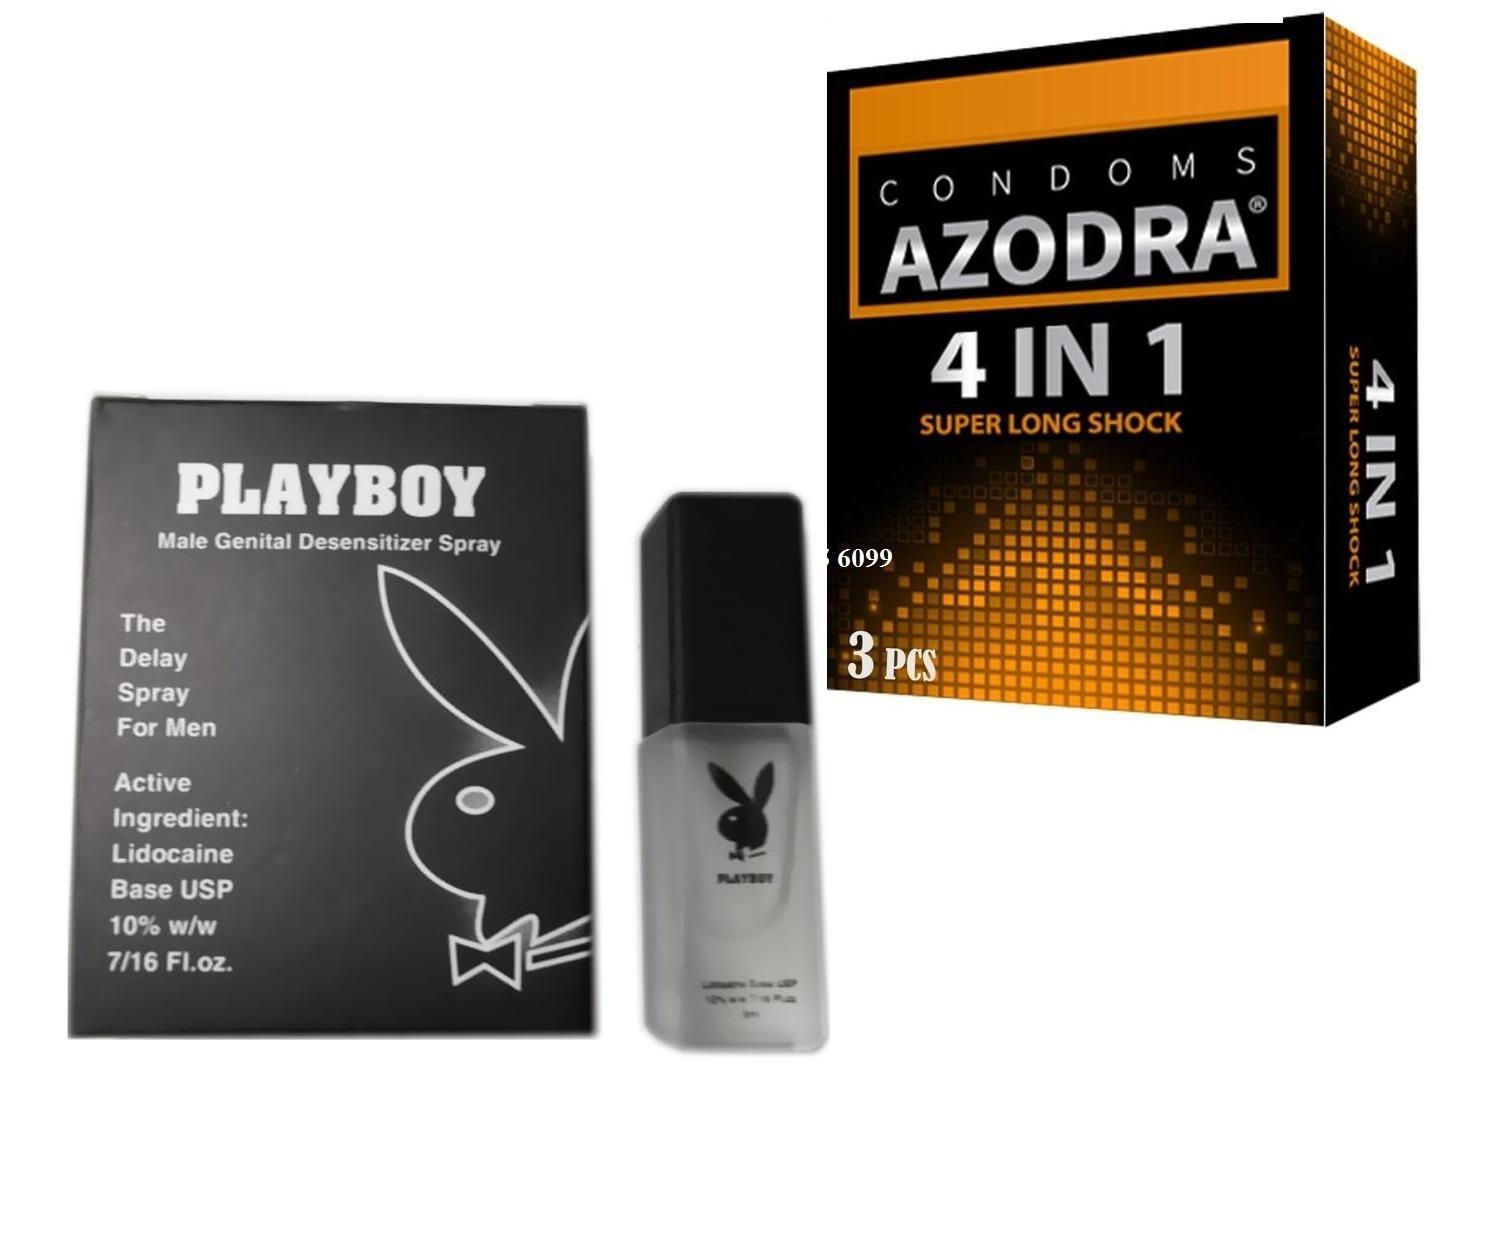 Bộ 1 Chai xịt kéo dài thời gian Playboy tặng 1 BCS AZODRA hộp 3 cái